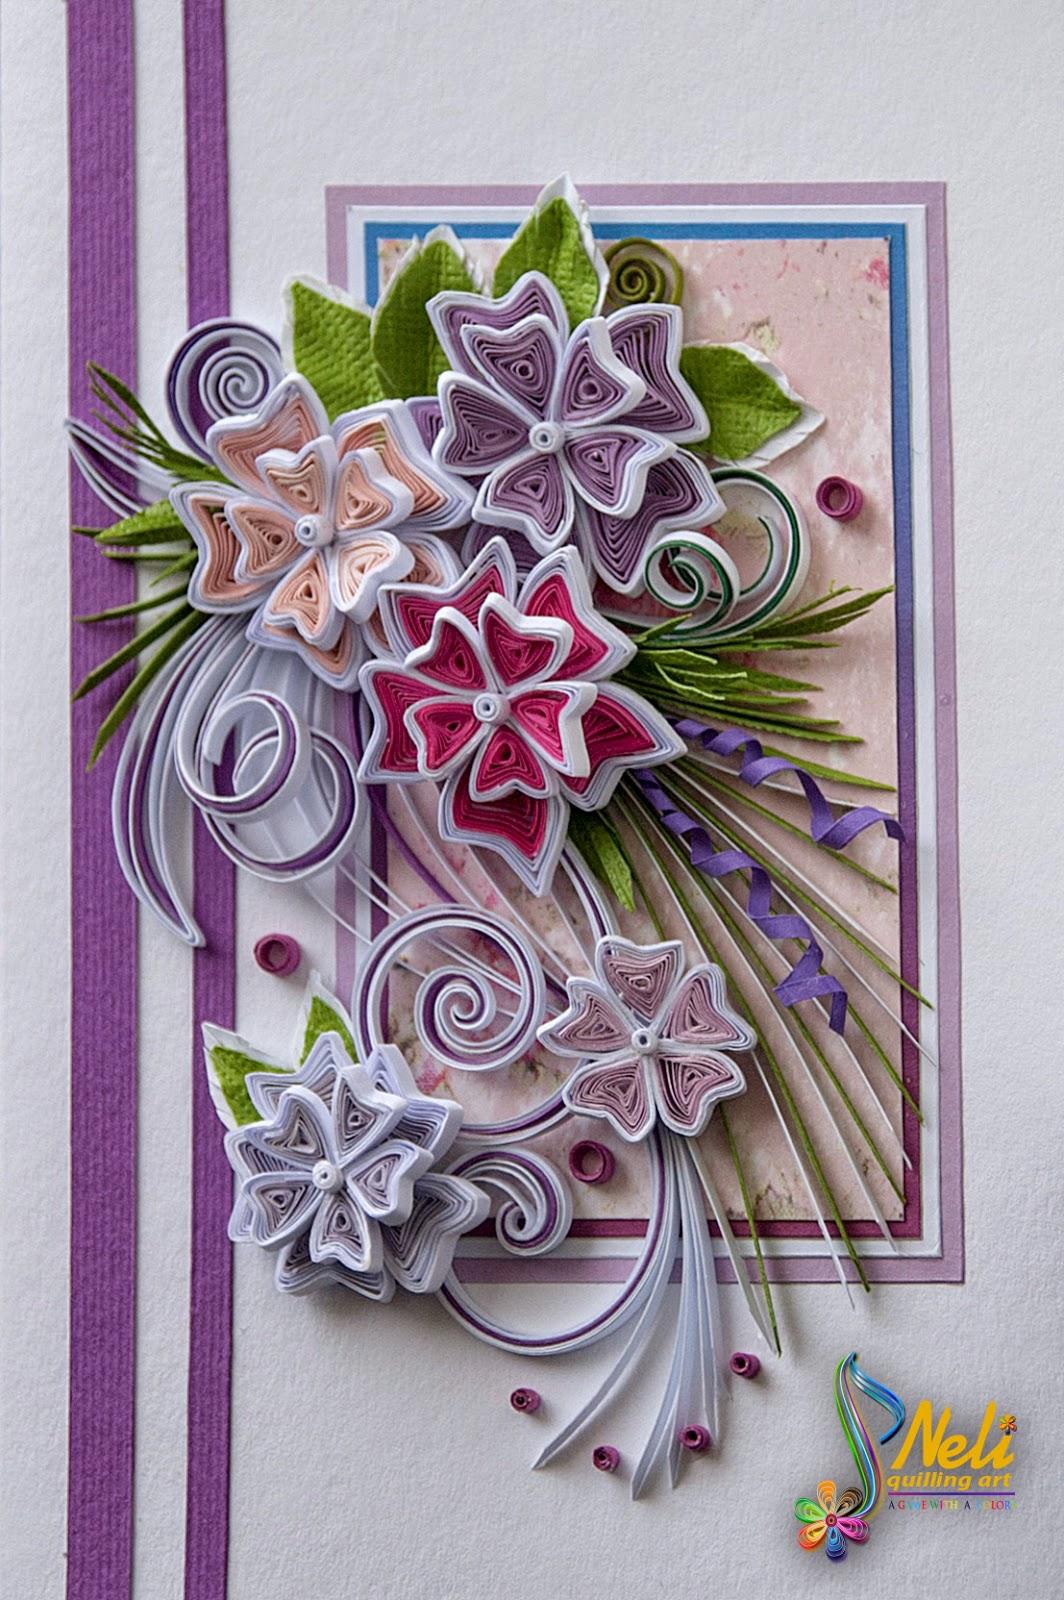 neli quilling art quilling card 148 cm 105 cm